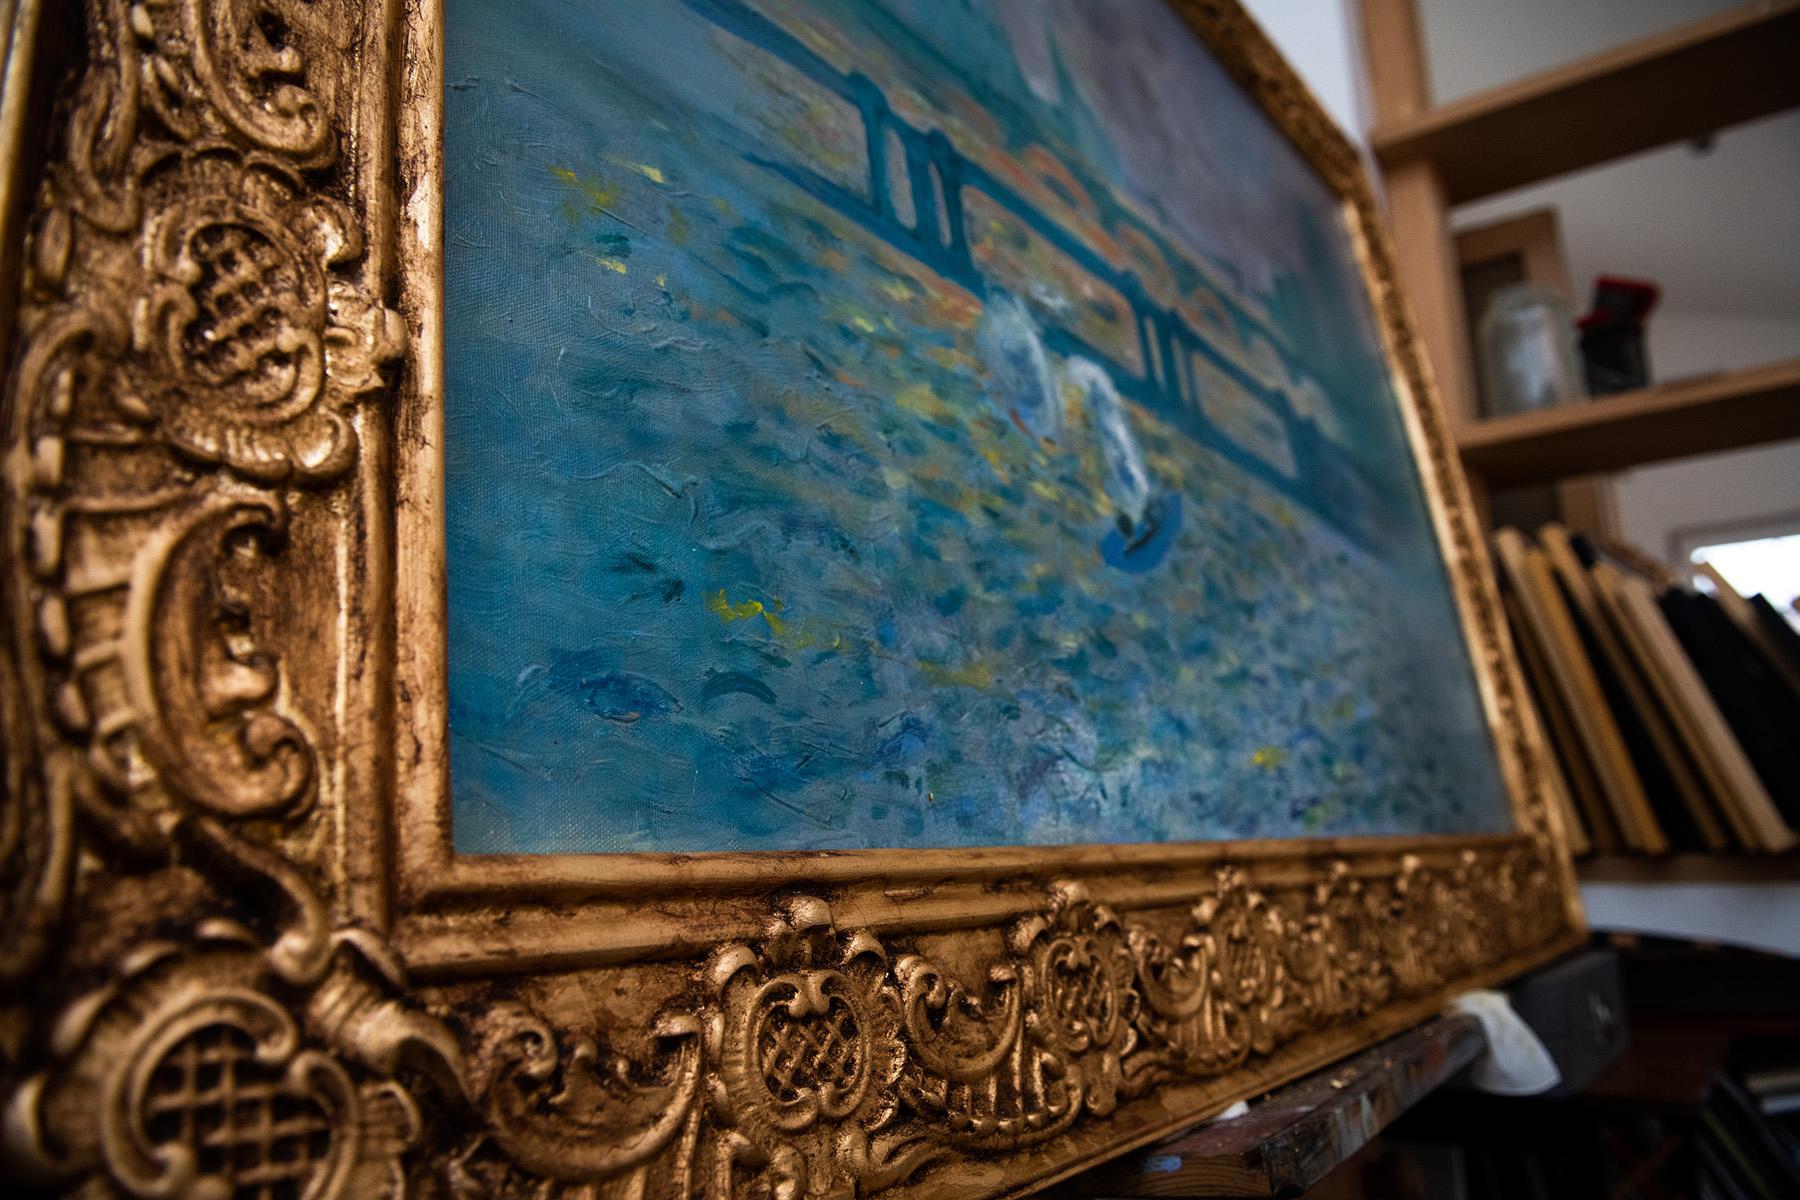 Golden_frames-The Impressionsists_0015